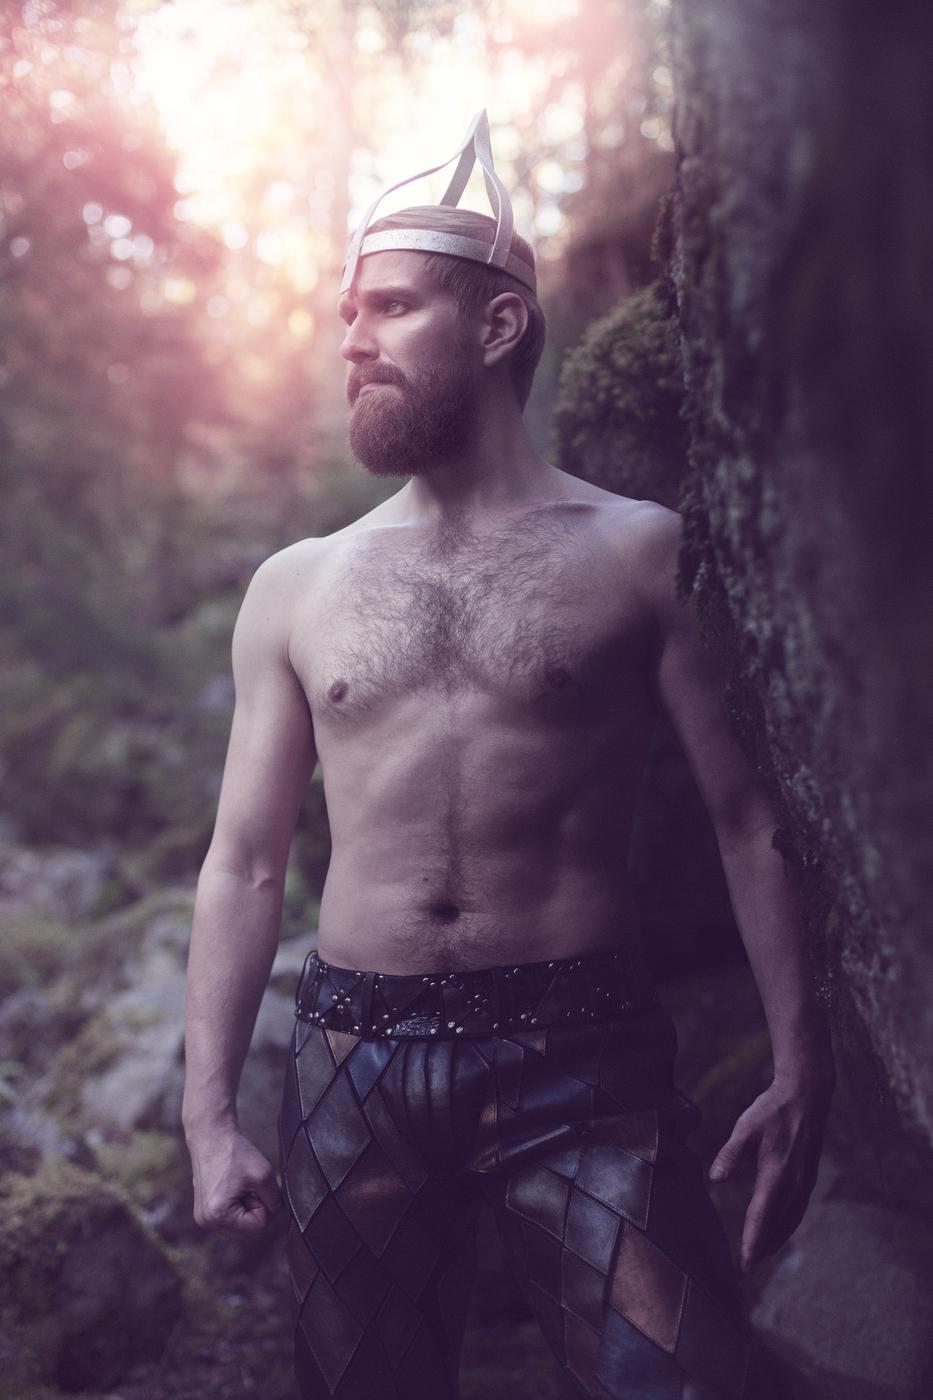 Kalevalanmaa-Ballet_Vainamoinen_Photo-Saara-Salmi-hires.jpg